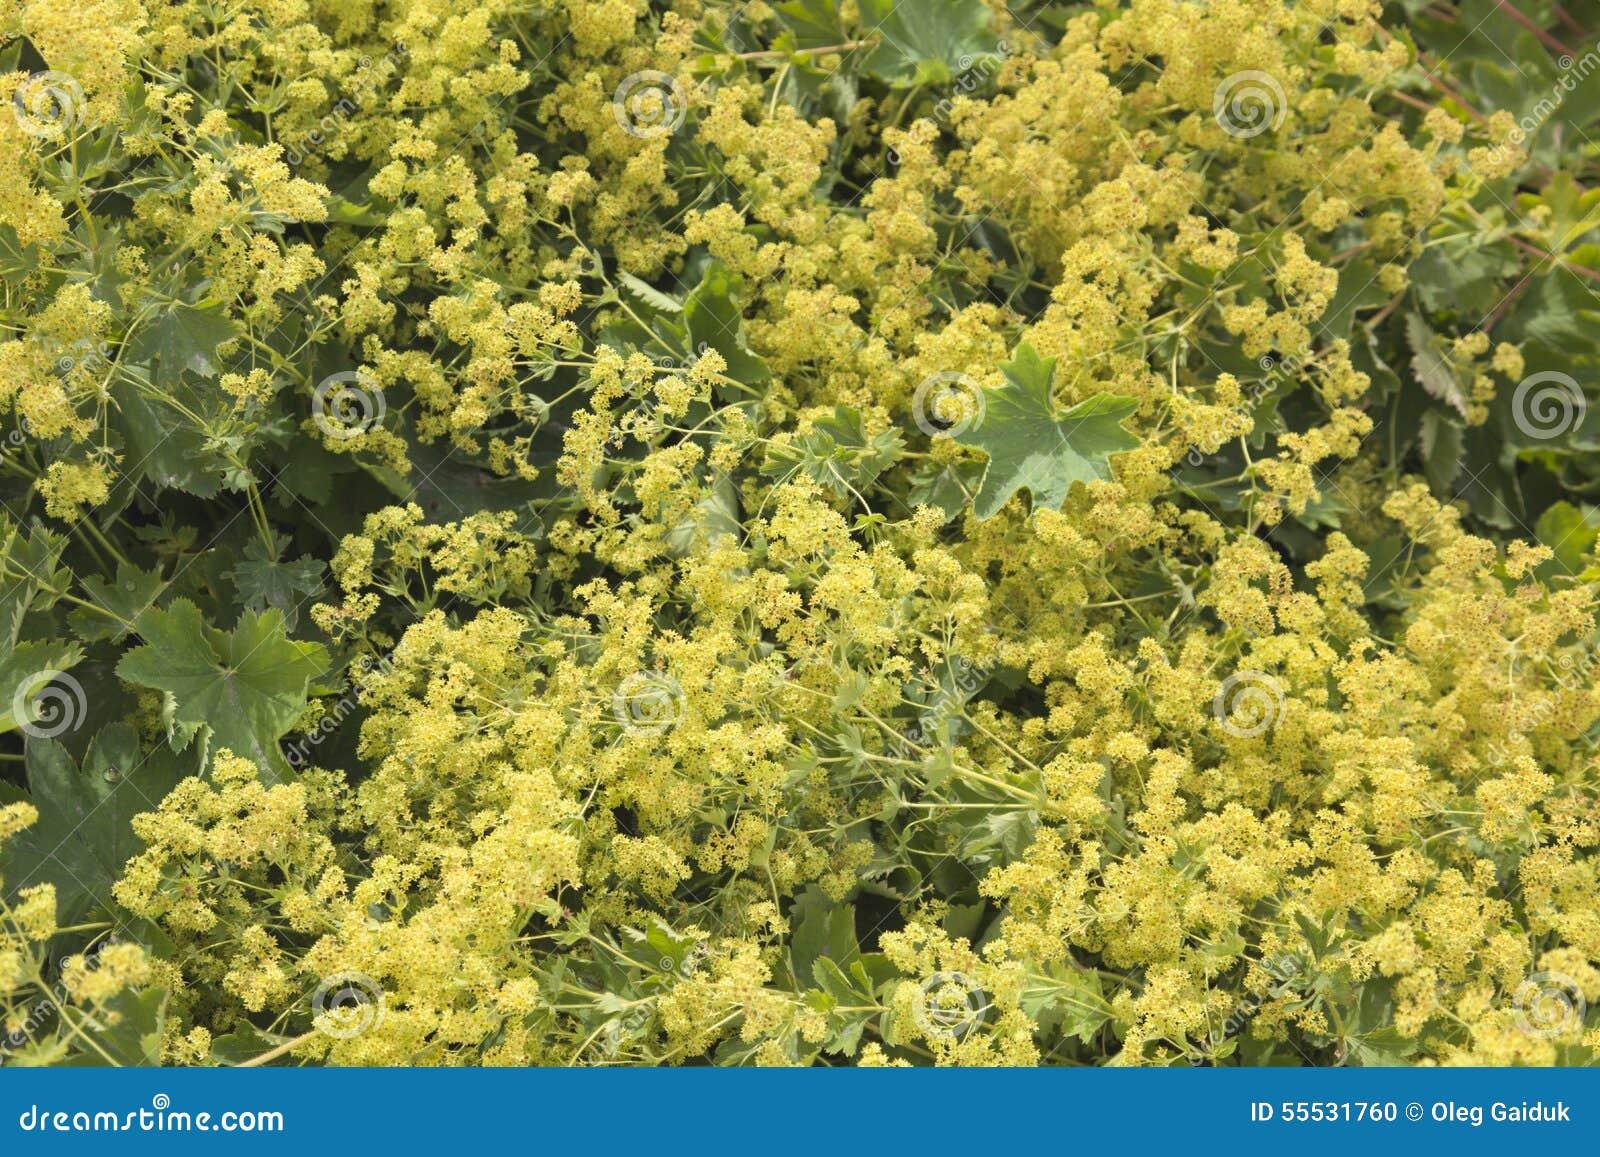 kleine gelbe blumen stockfoto bild von botanisch garten. Black Bedroom Furniture Sets. Home Design Ideas